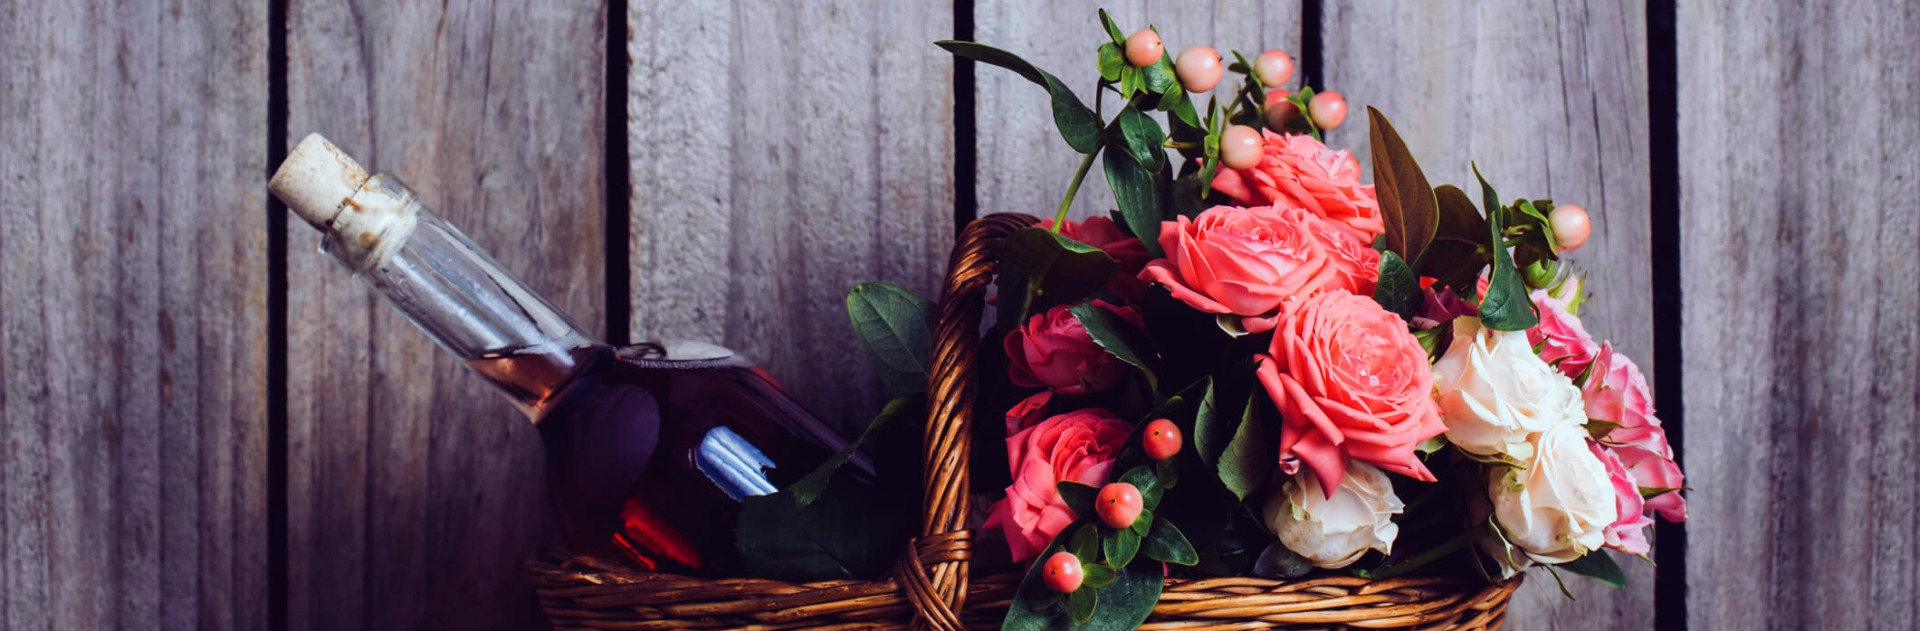 Ampere Gift Baskets